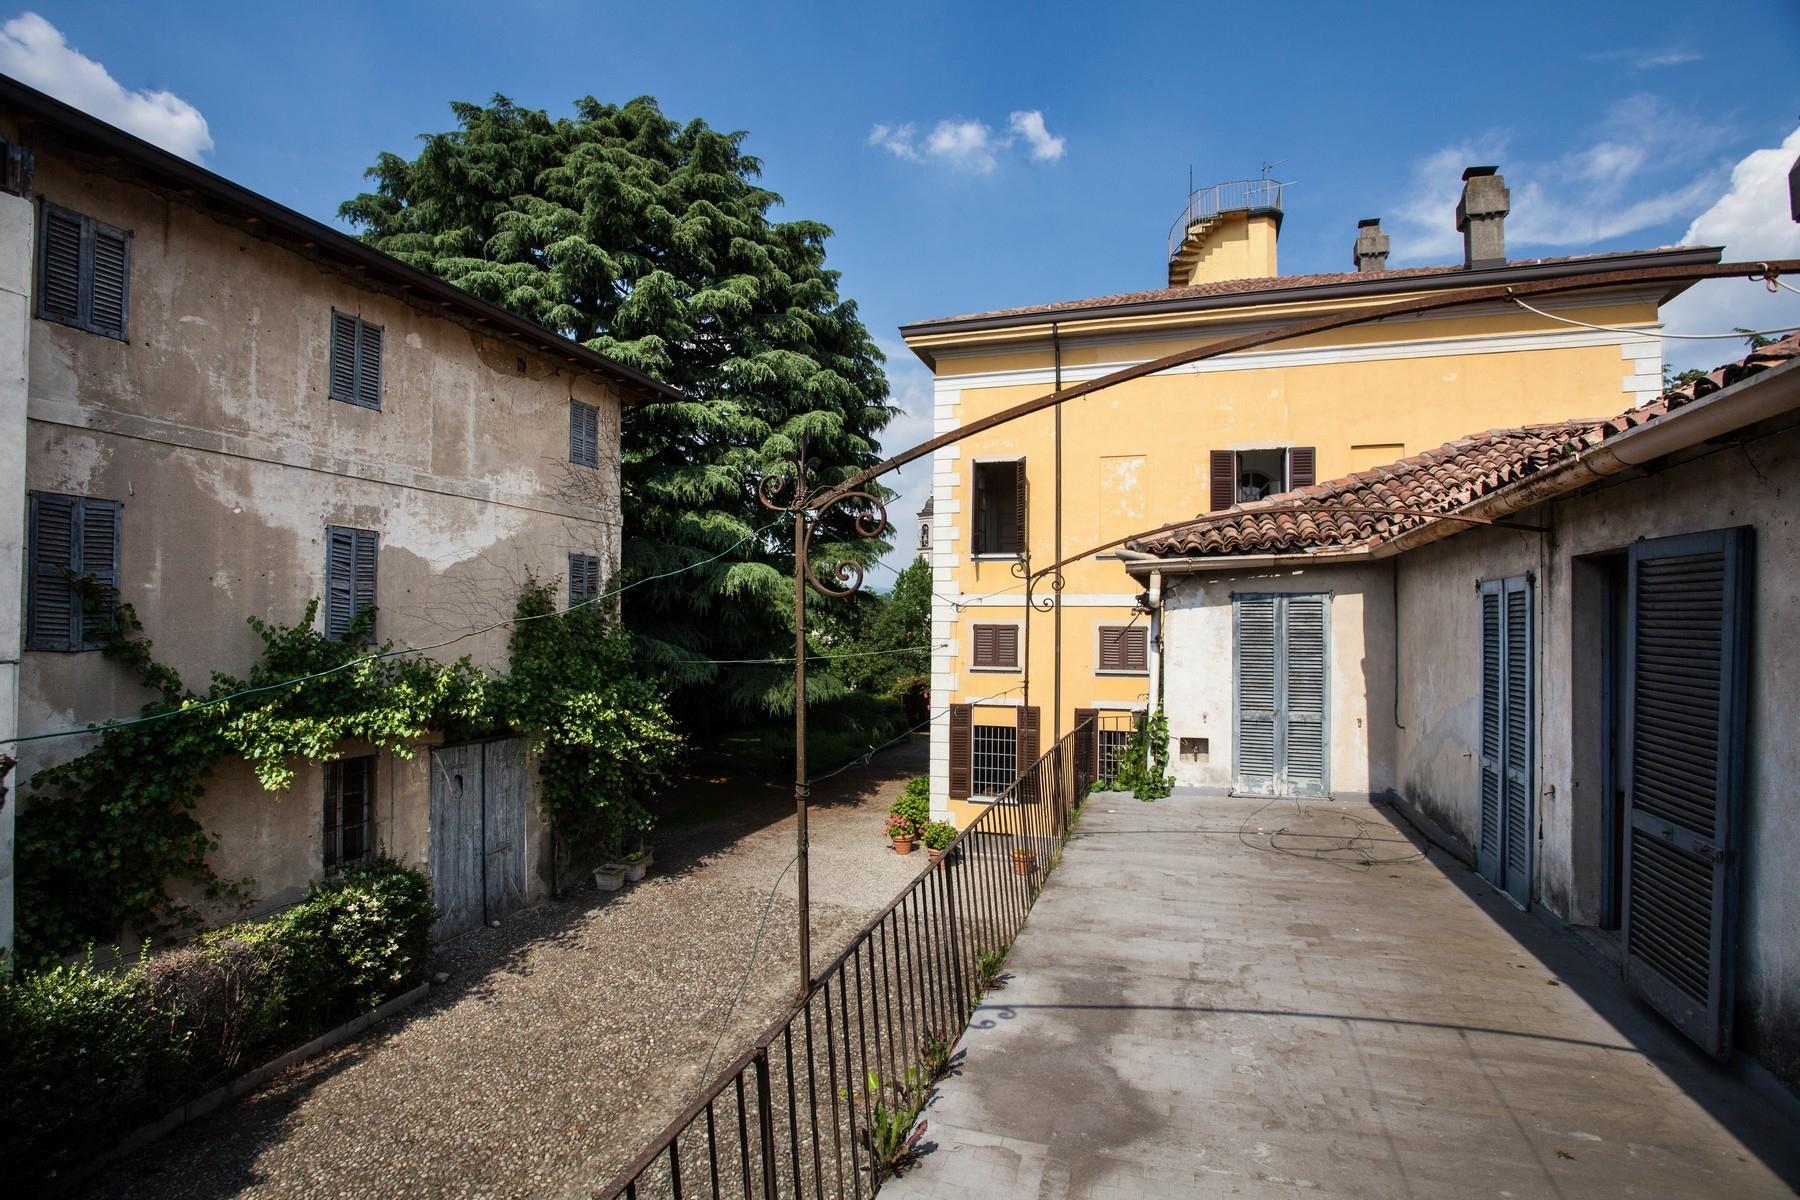 Elégante villa historique dans un parc botanique - 4